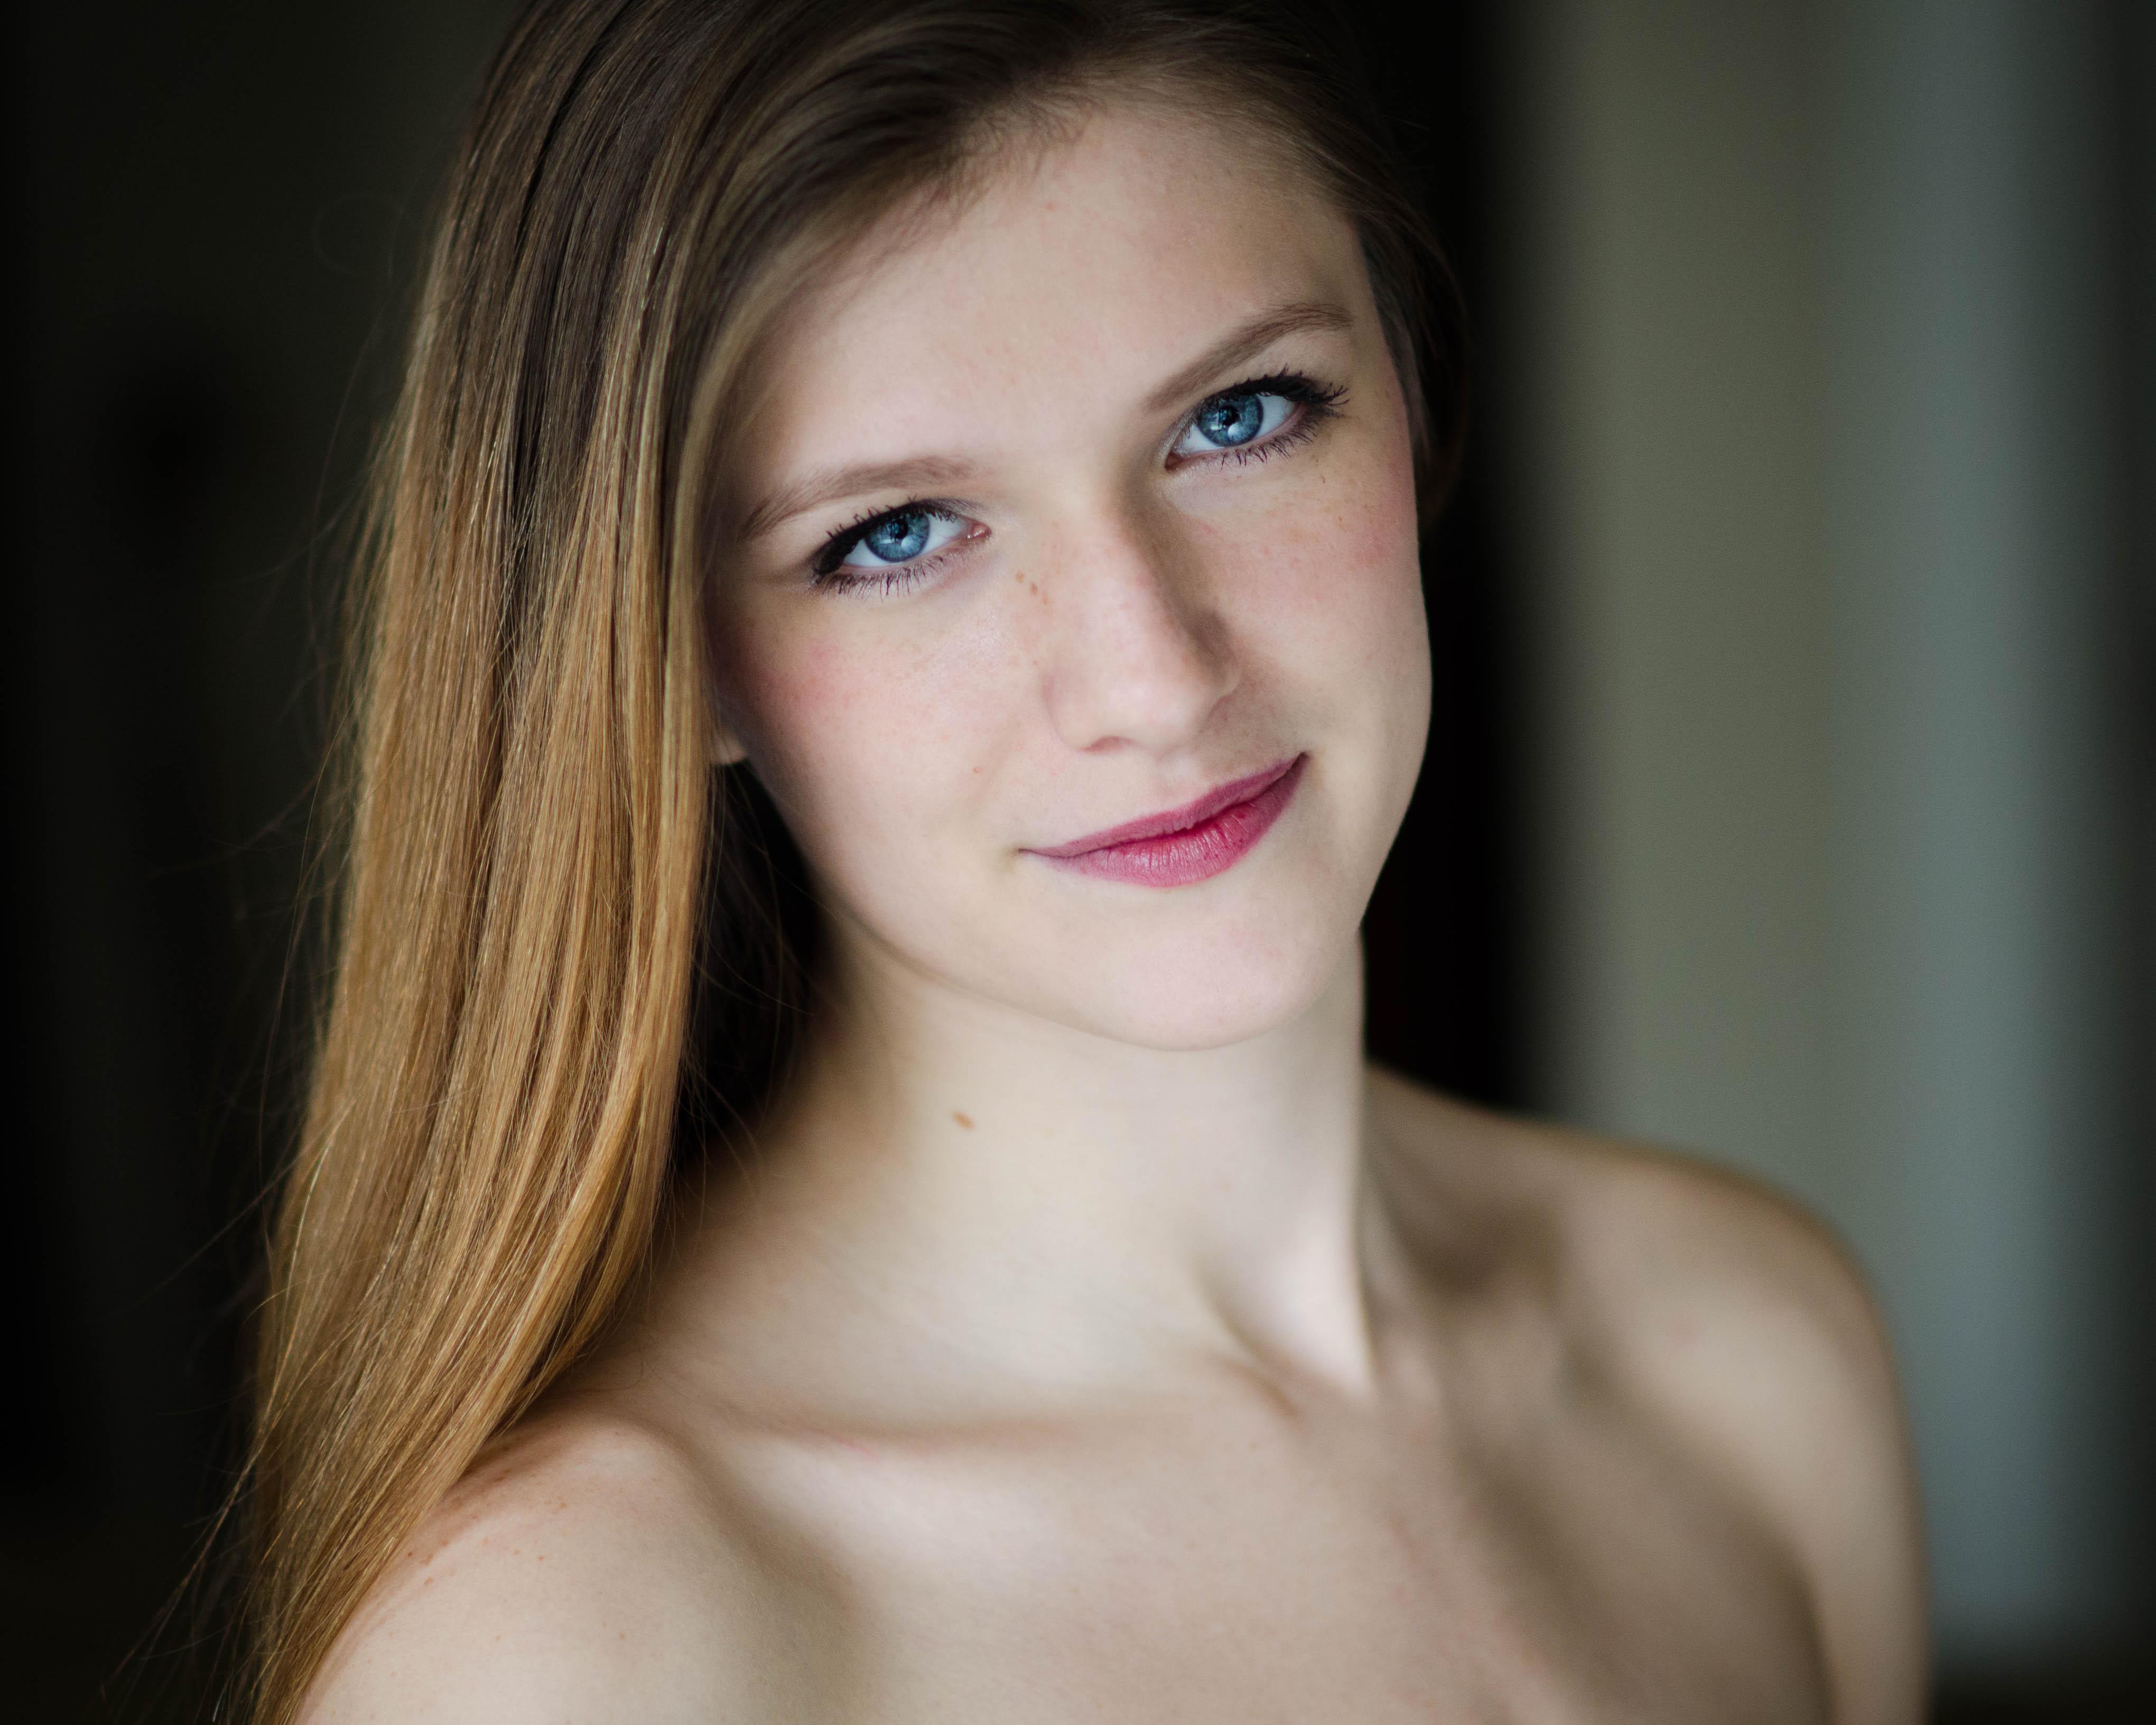 Alissa Blad